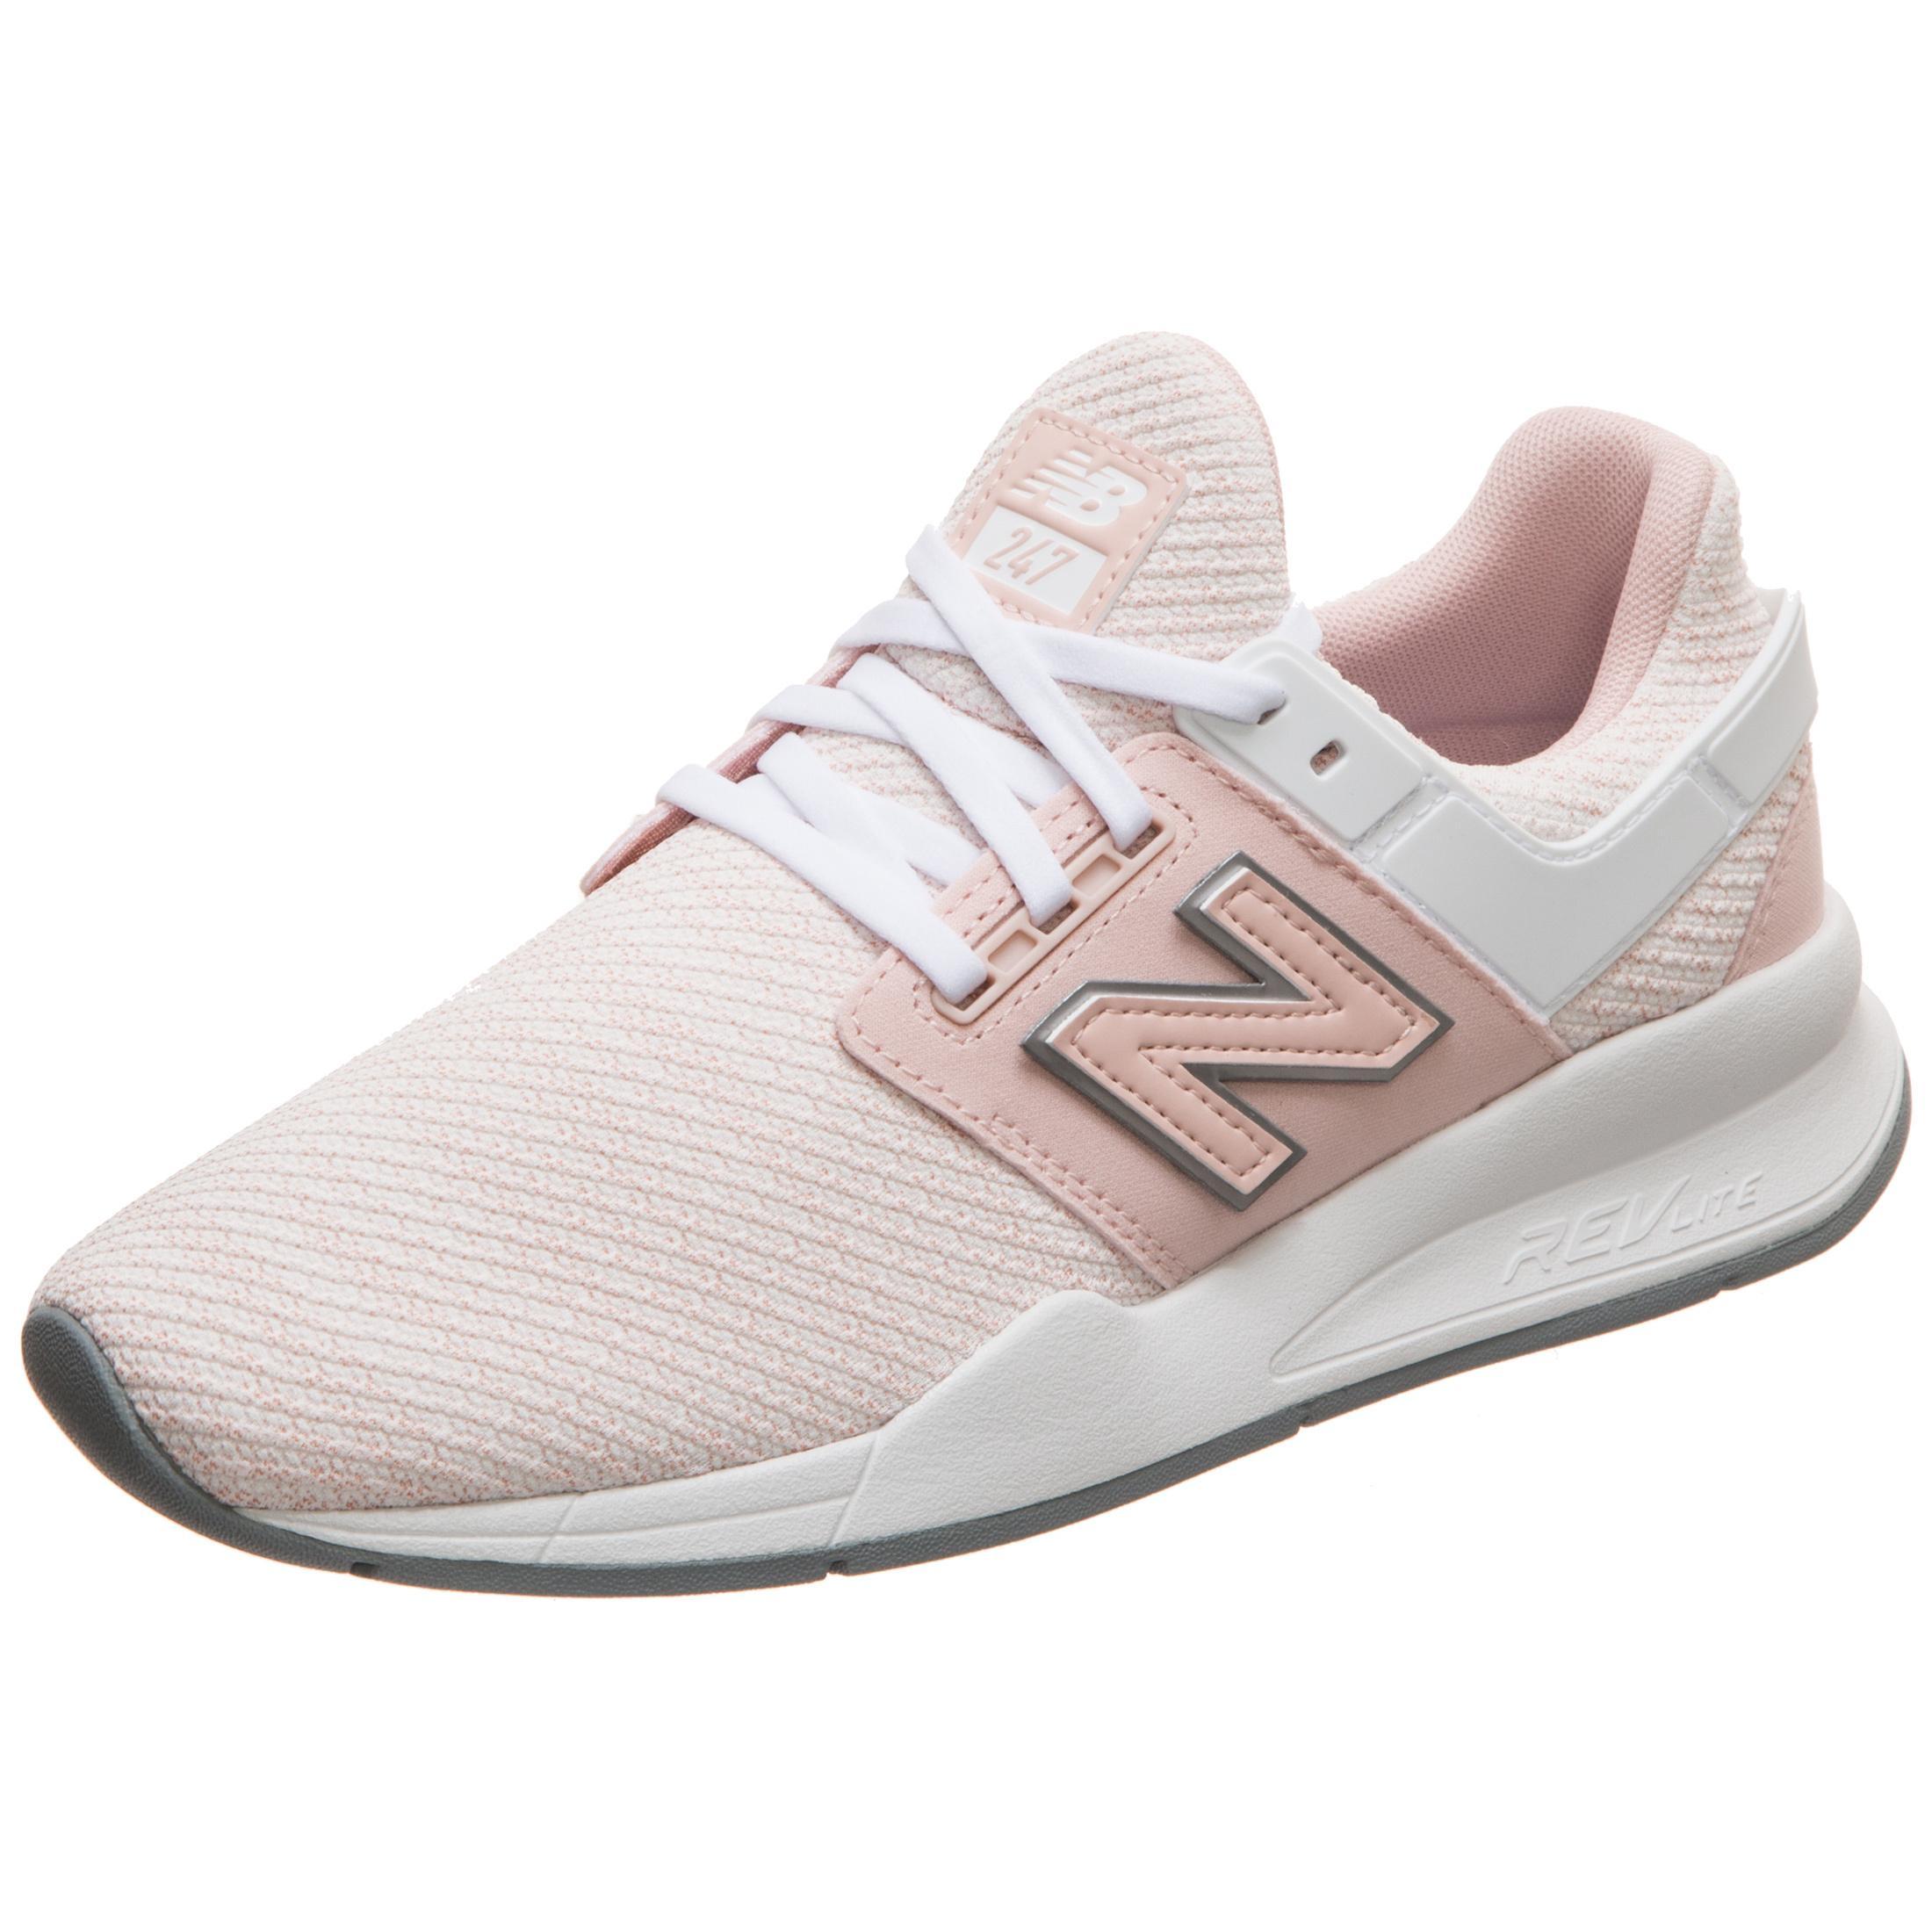 Rosa New Balance Damenschuhe günstig online kaufen | LadenZeile